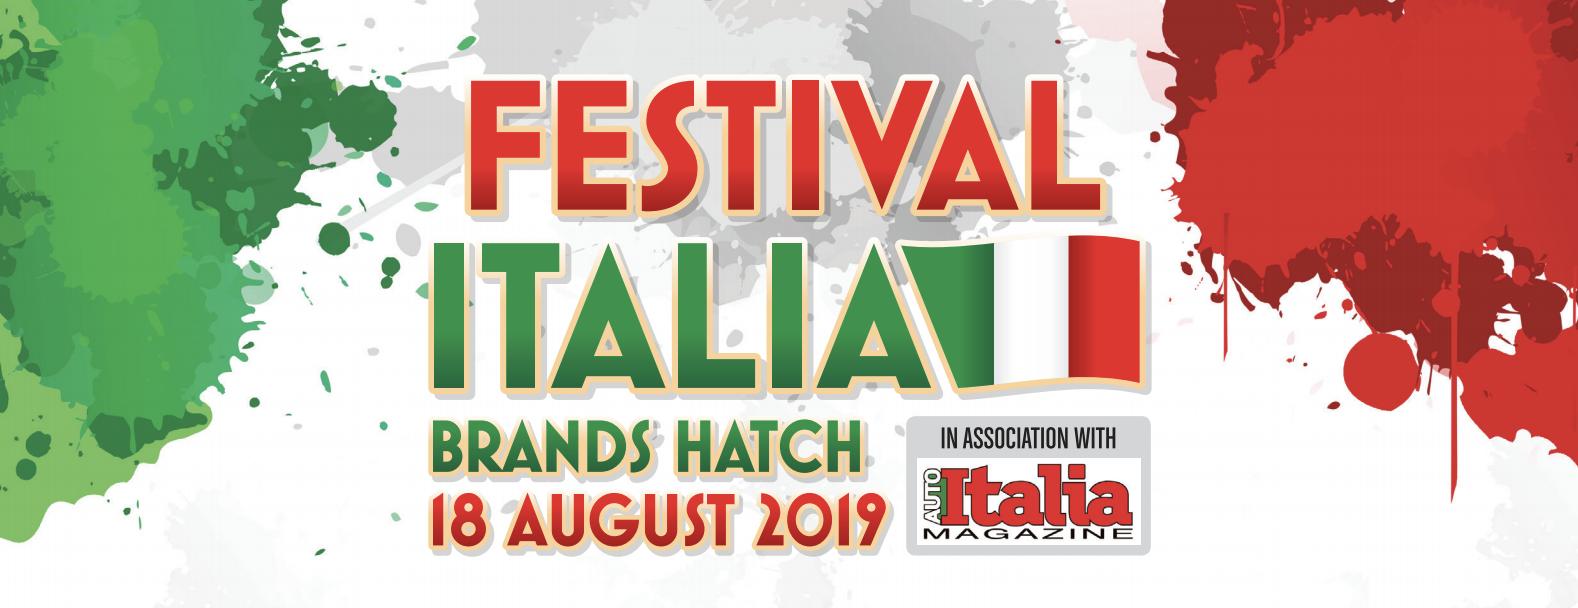 Festival Italia Preview